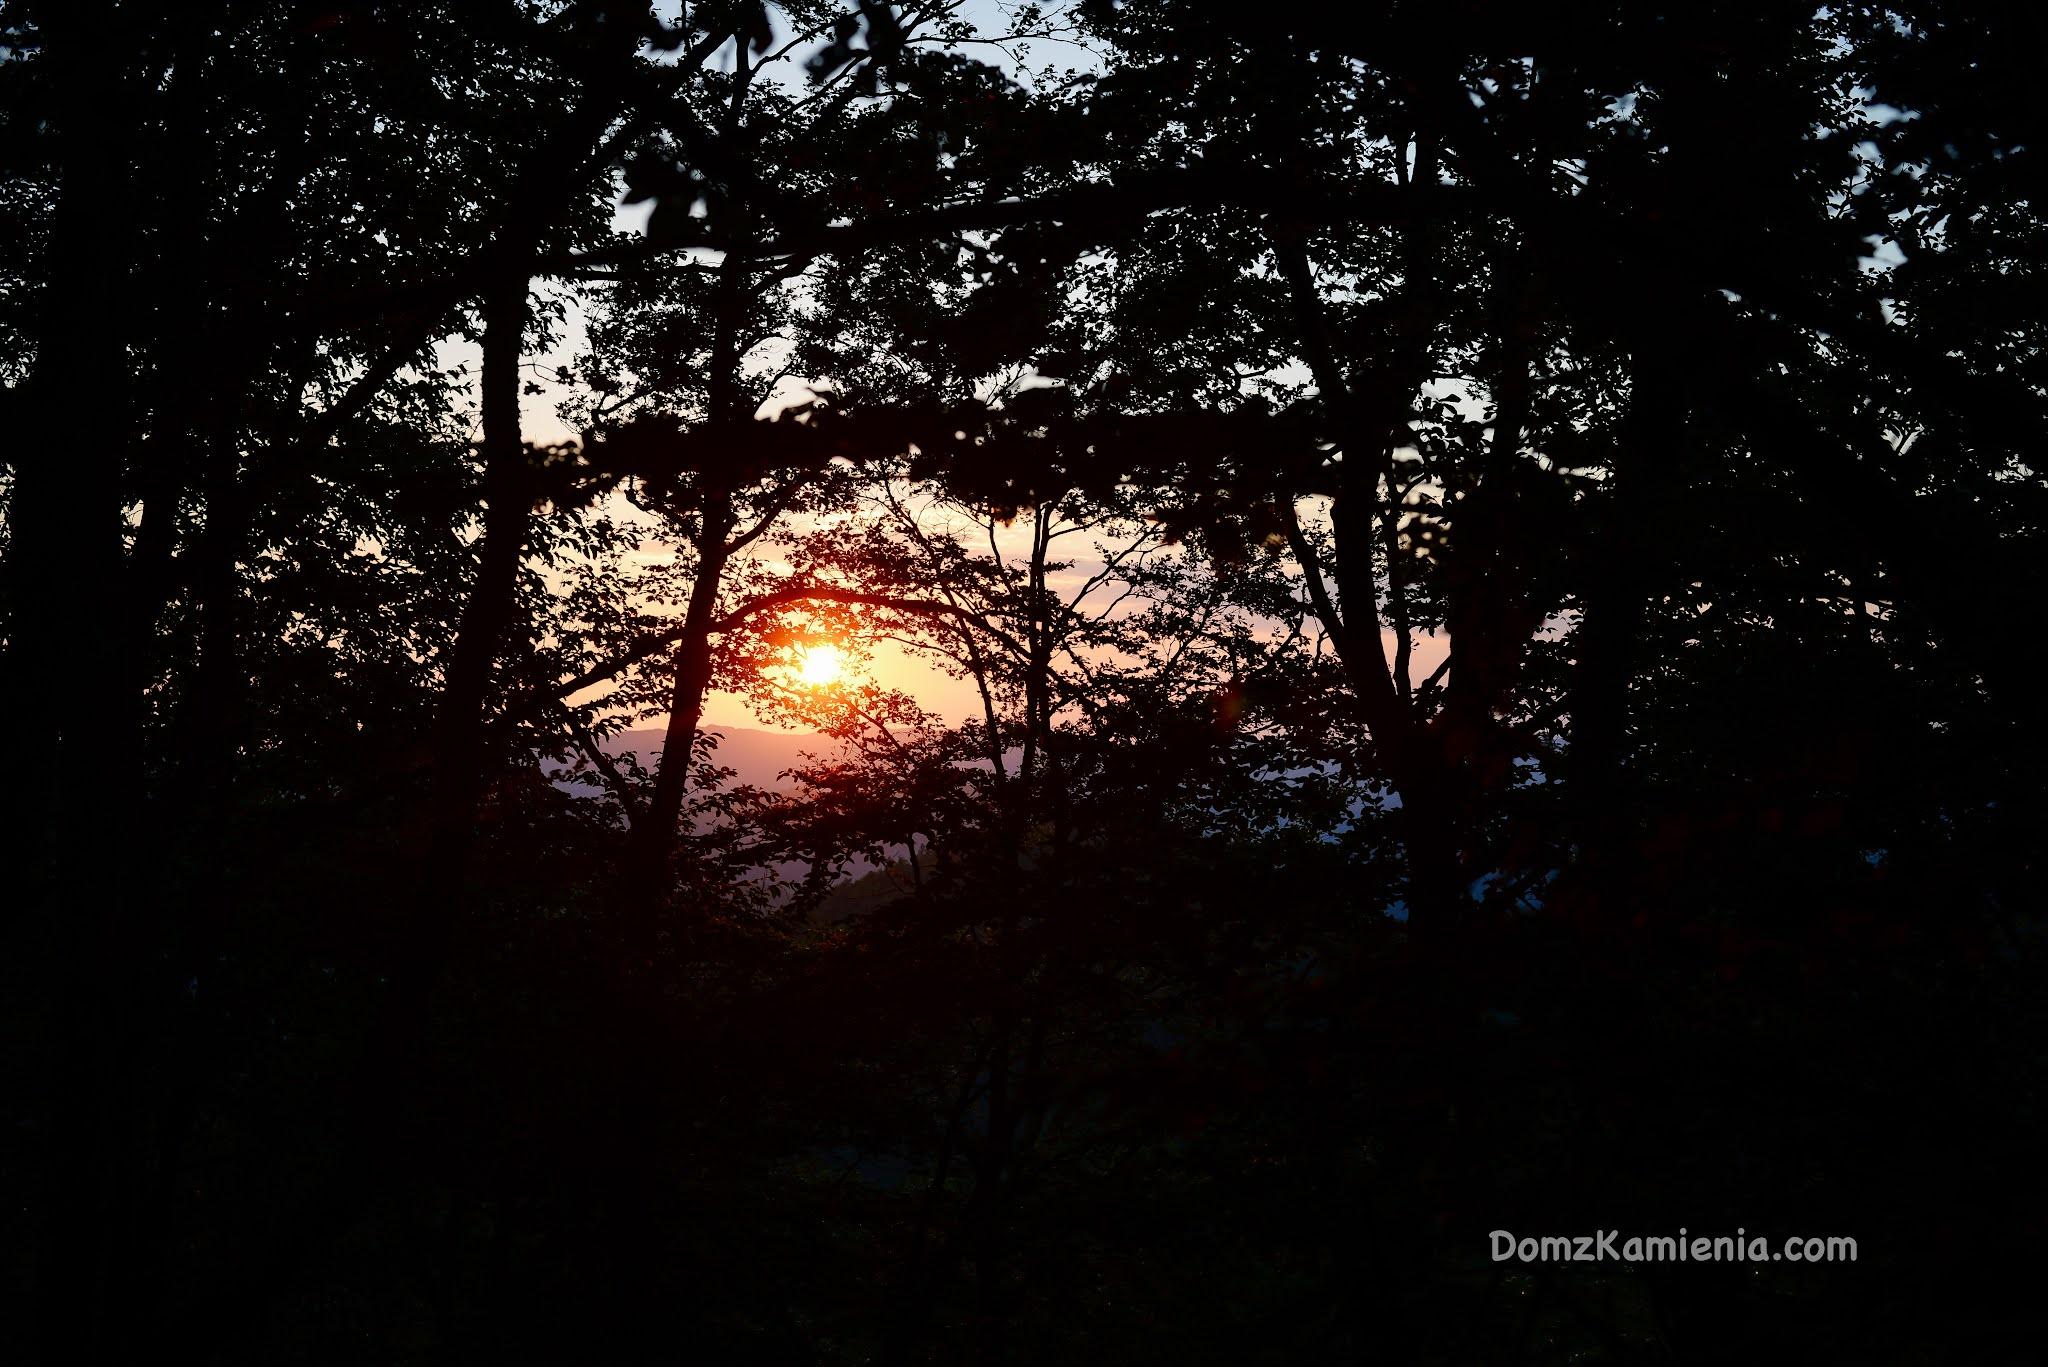 Najpiękniejsza marradyjska noc - Strastellata 2021. Magia gór, spektakl słońca, piknik pod gwiazdami, śmiechy i żarty, jednym słowem - MAGIA <3  https://www.domzkamienia.com/2021/08/strastellata-2021-marradi-magia.html